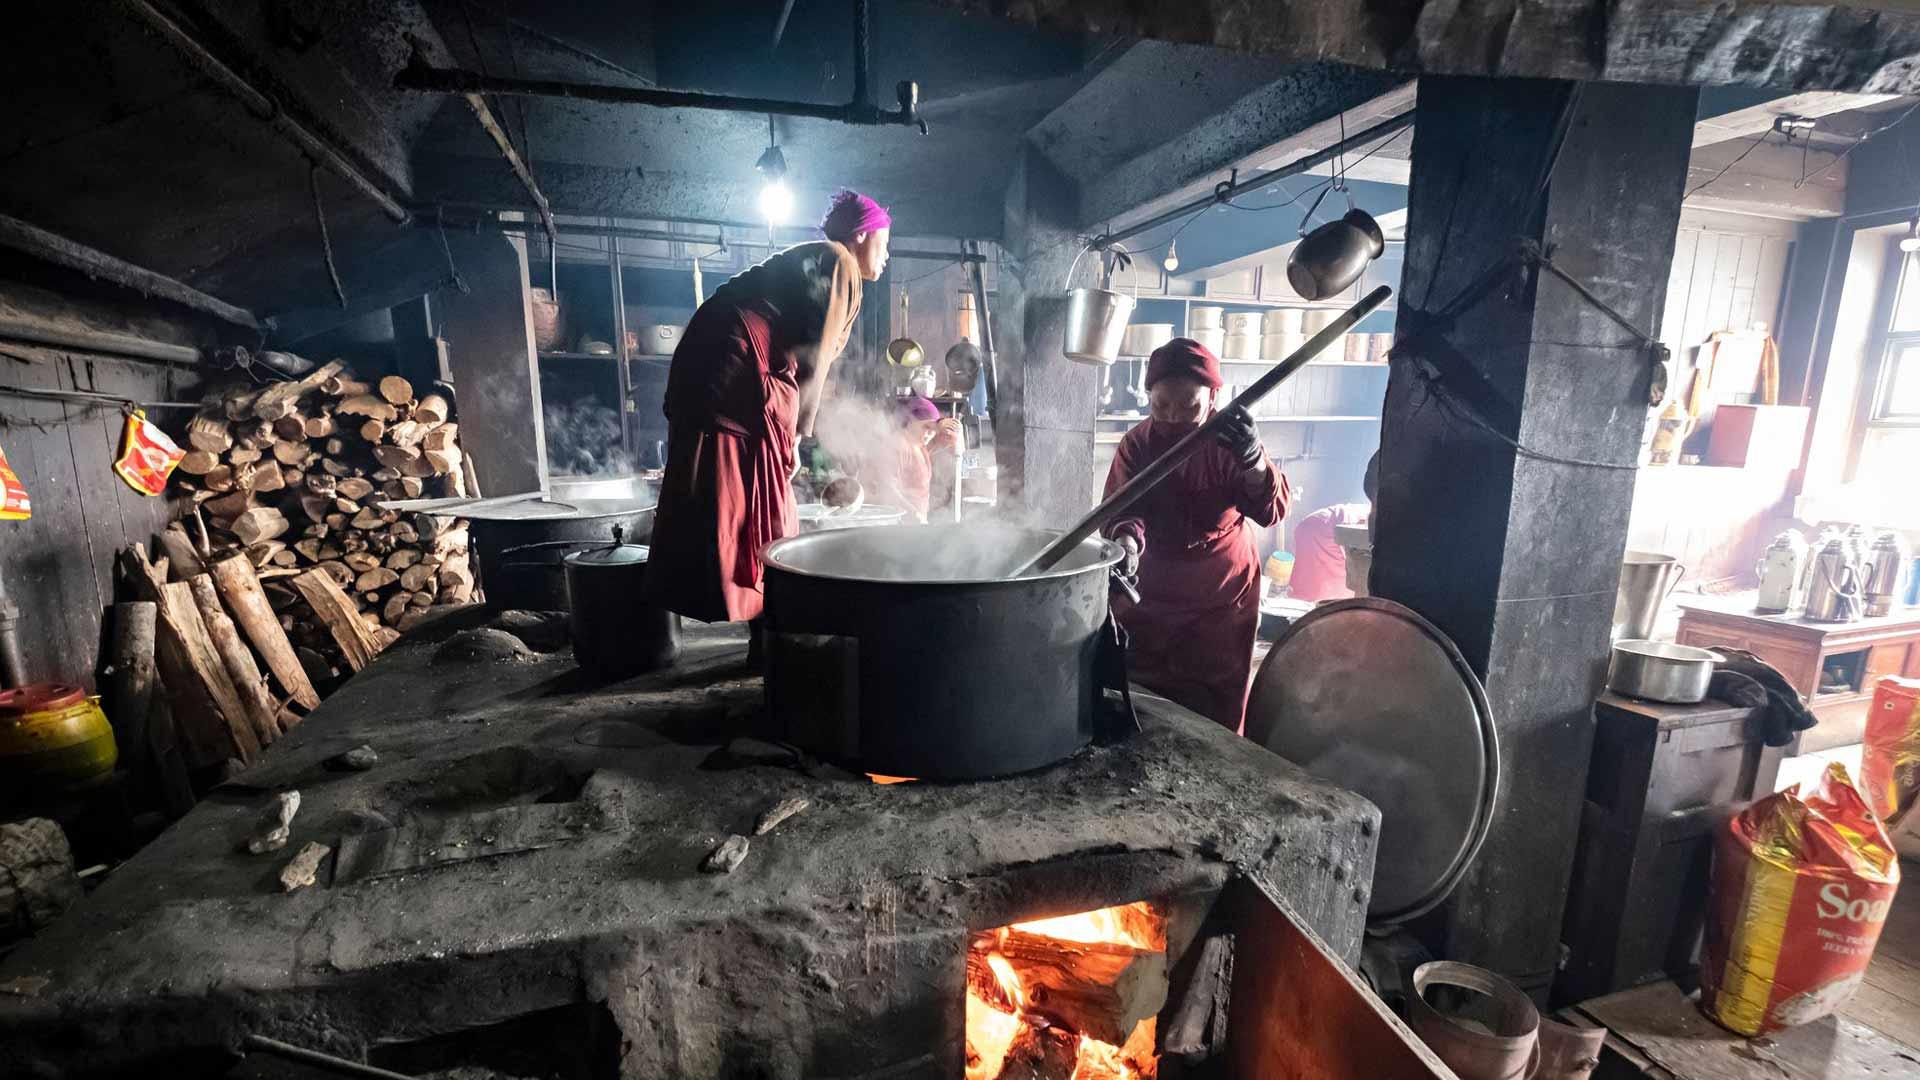 Thupten Cholingin luostarin keittiössä oli kiehtovaa seurata keittiövuorolaisten touhuja.